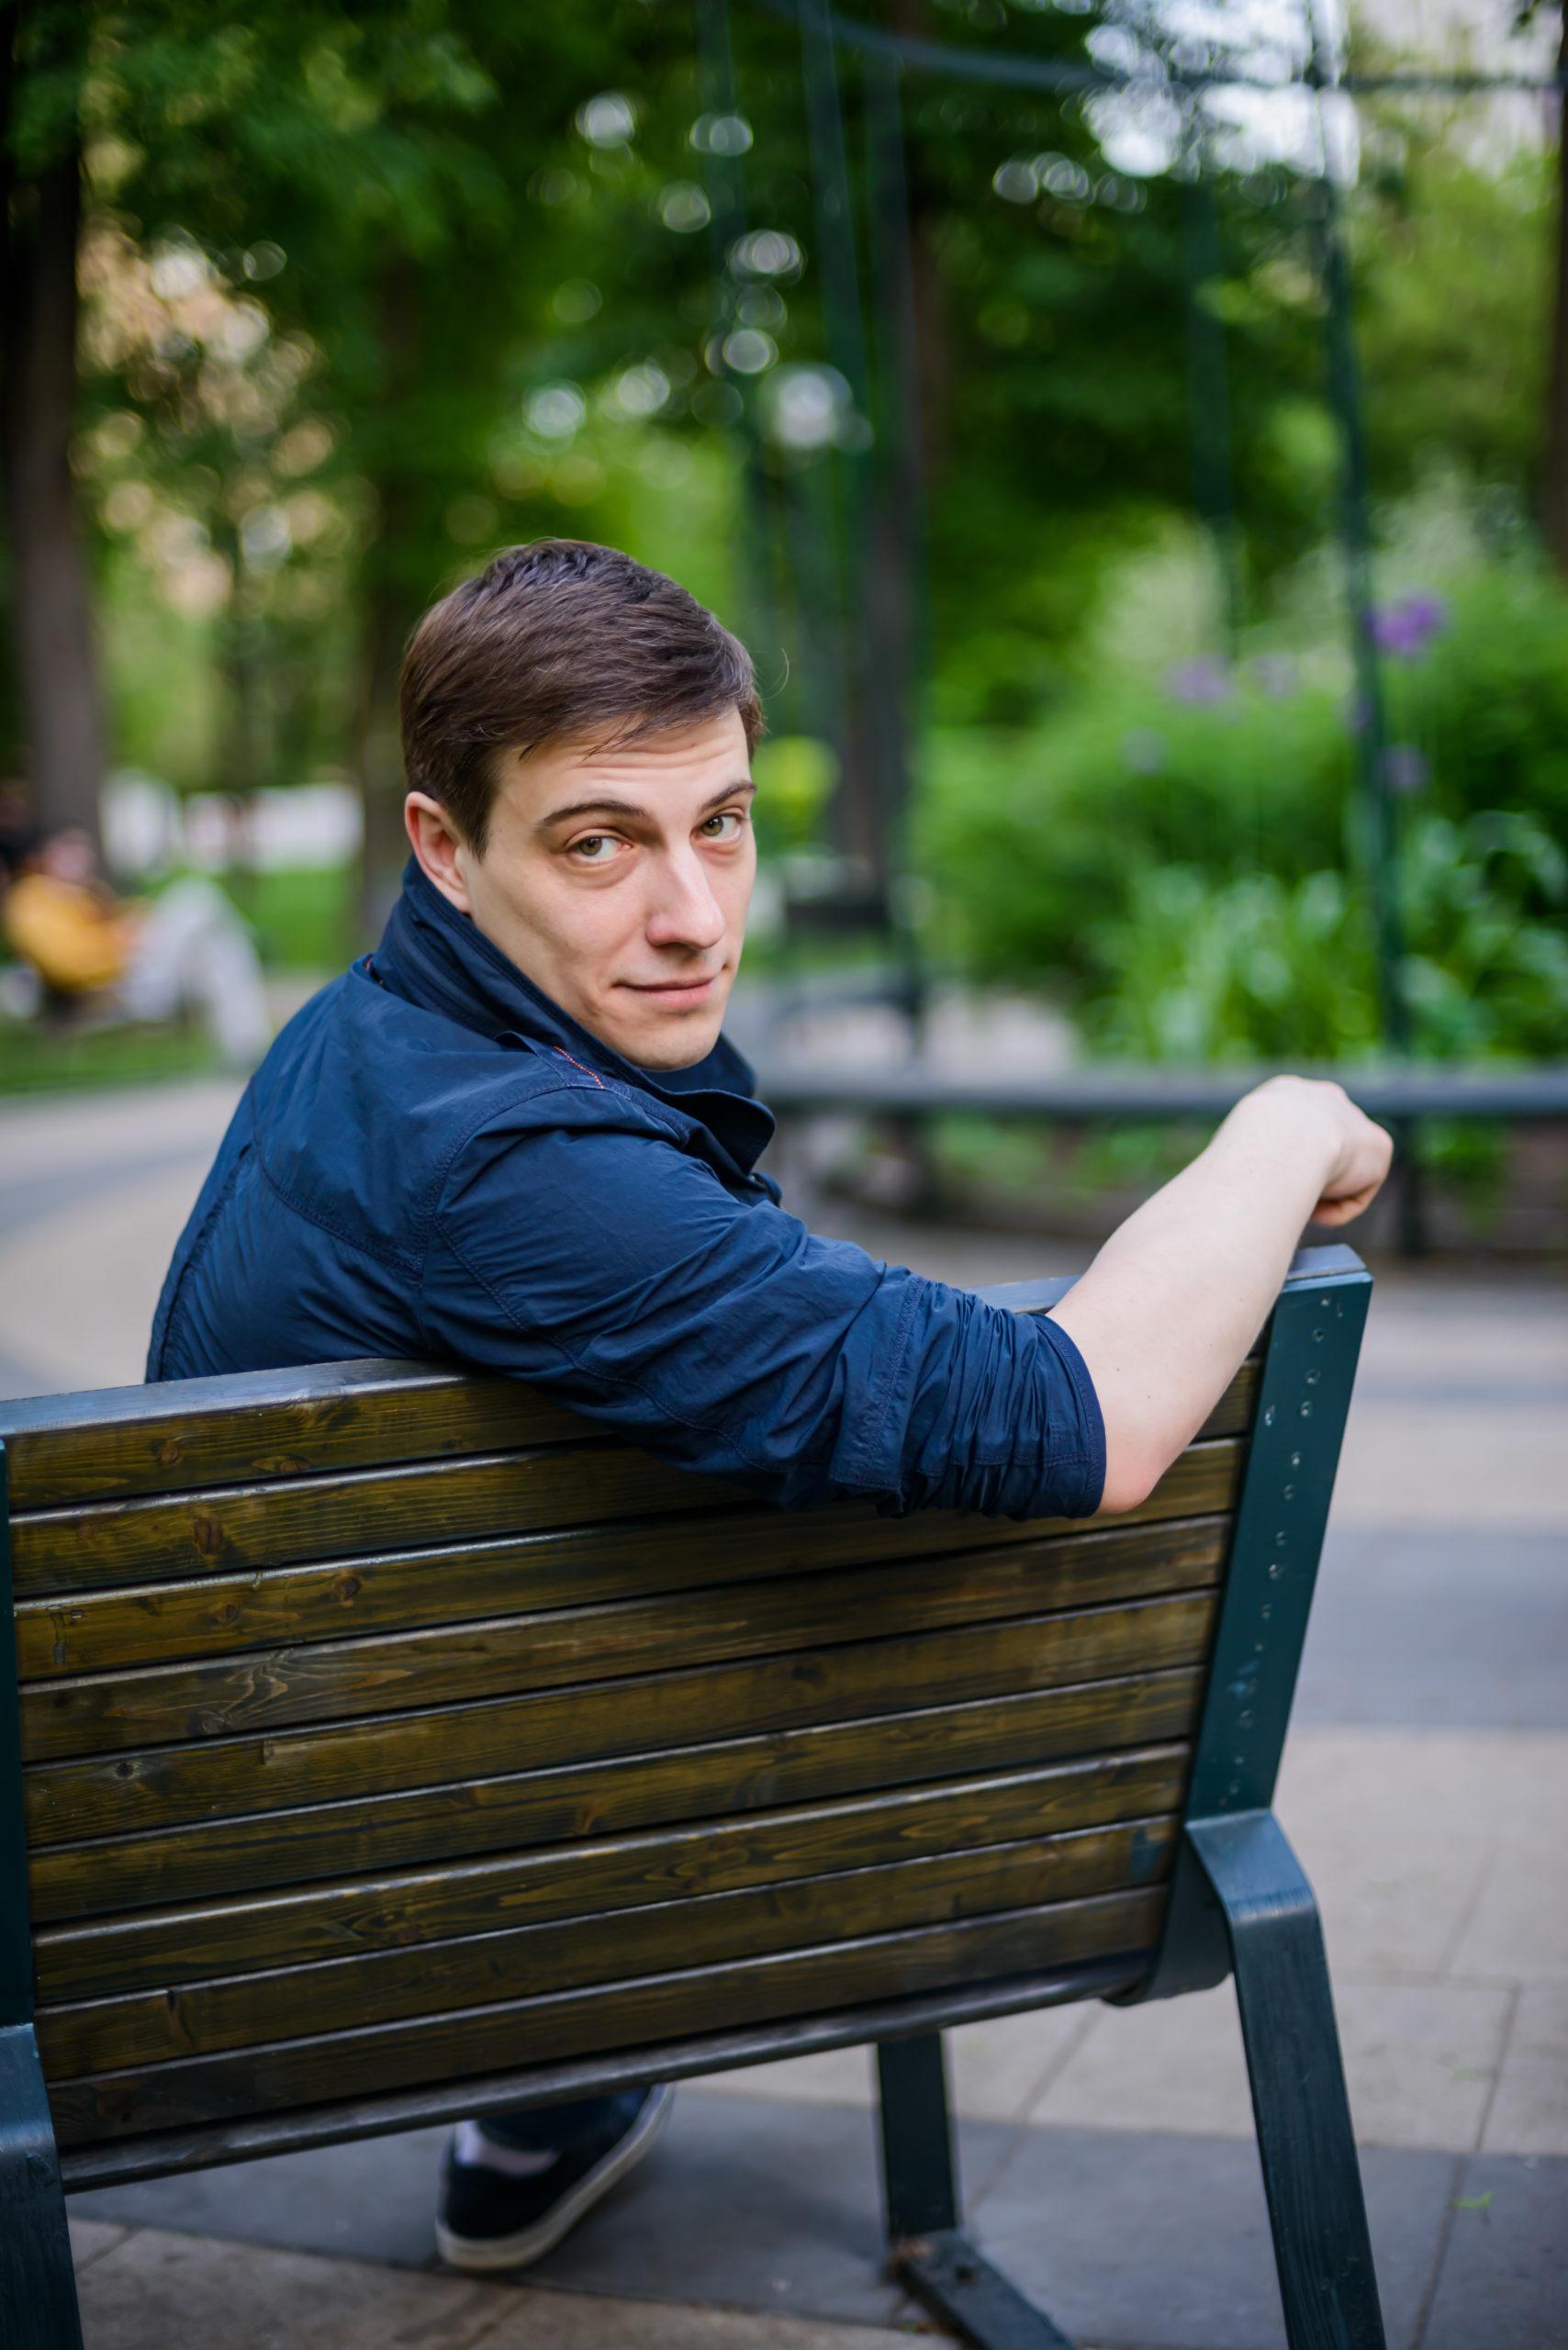 Дмитрий Калинкин — эксперт в области осознанности